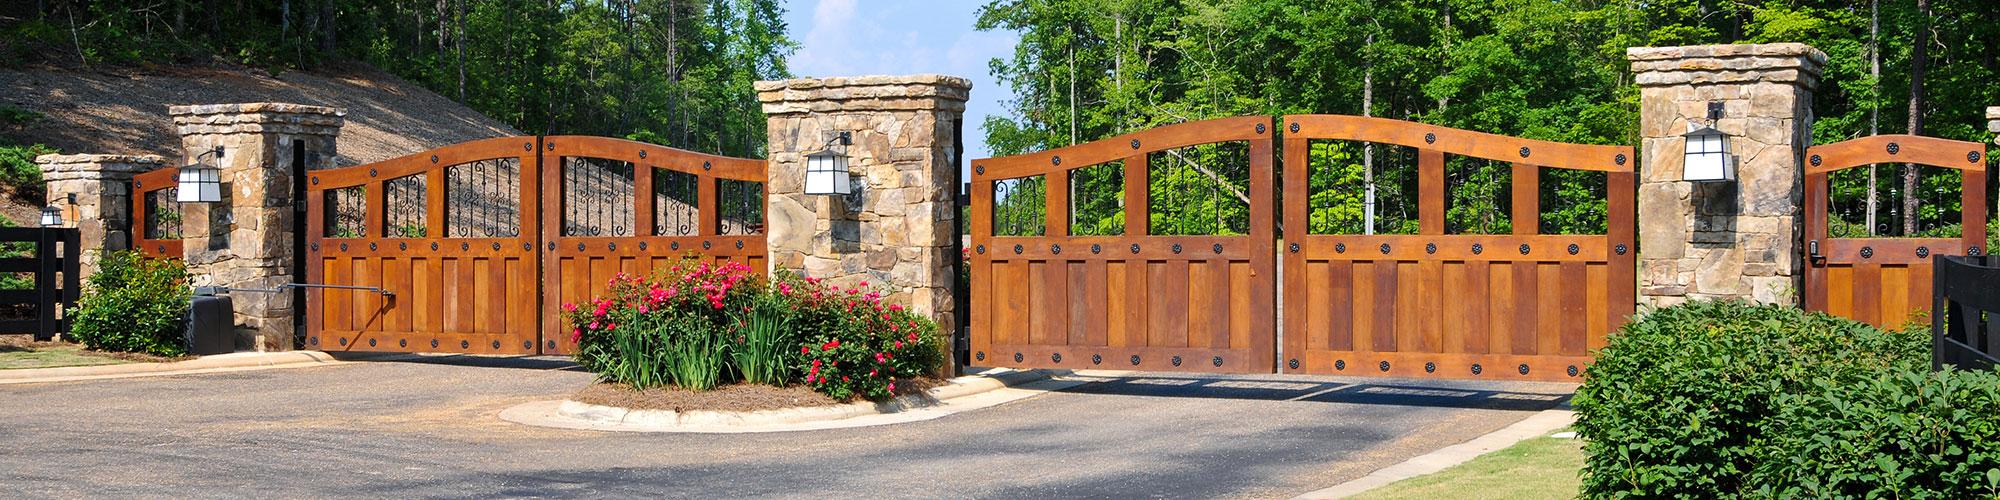 gate-repair Electric Gate Repair West Hills